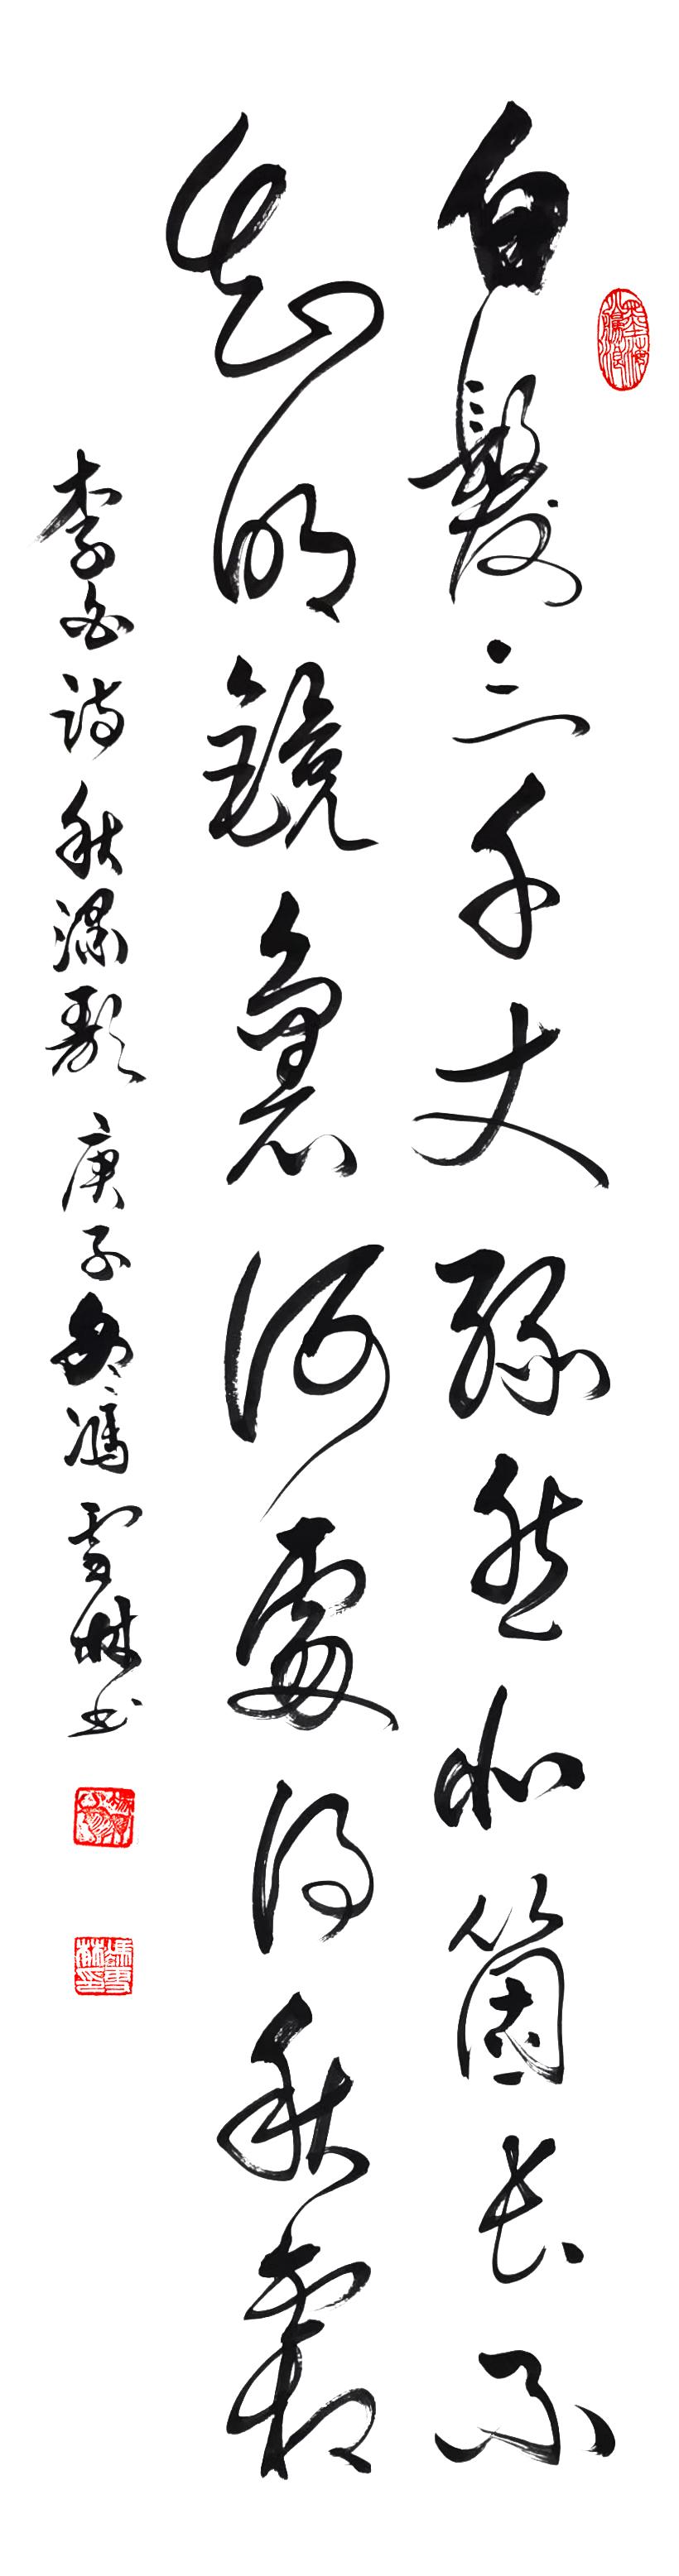 李白秋浦歌书法作品欣赏